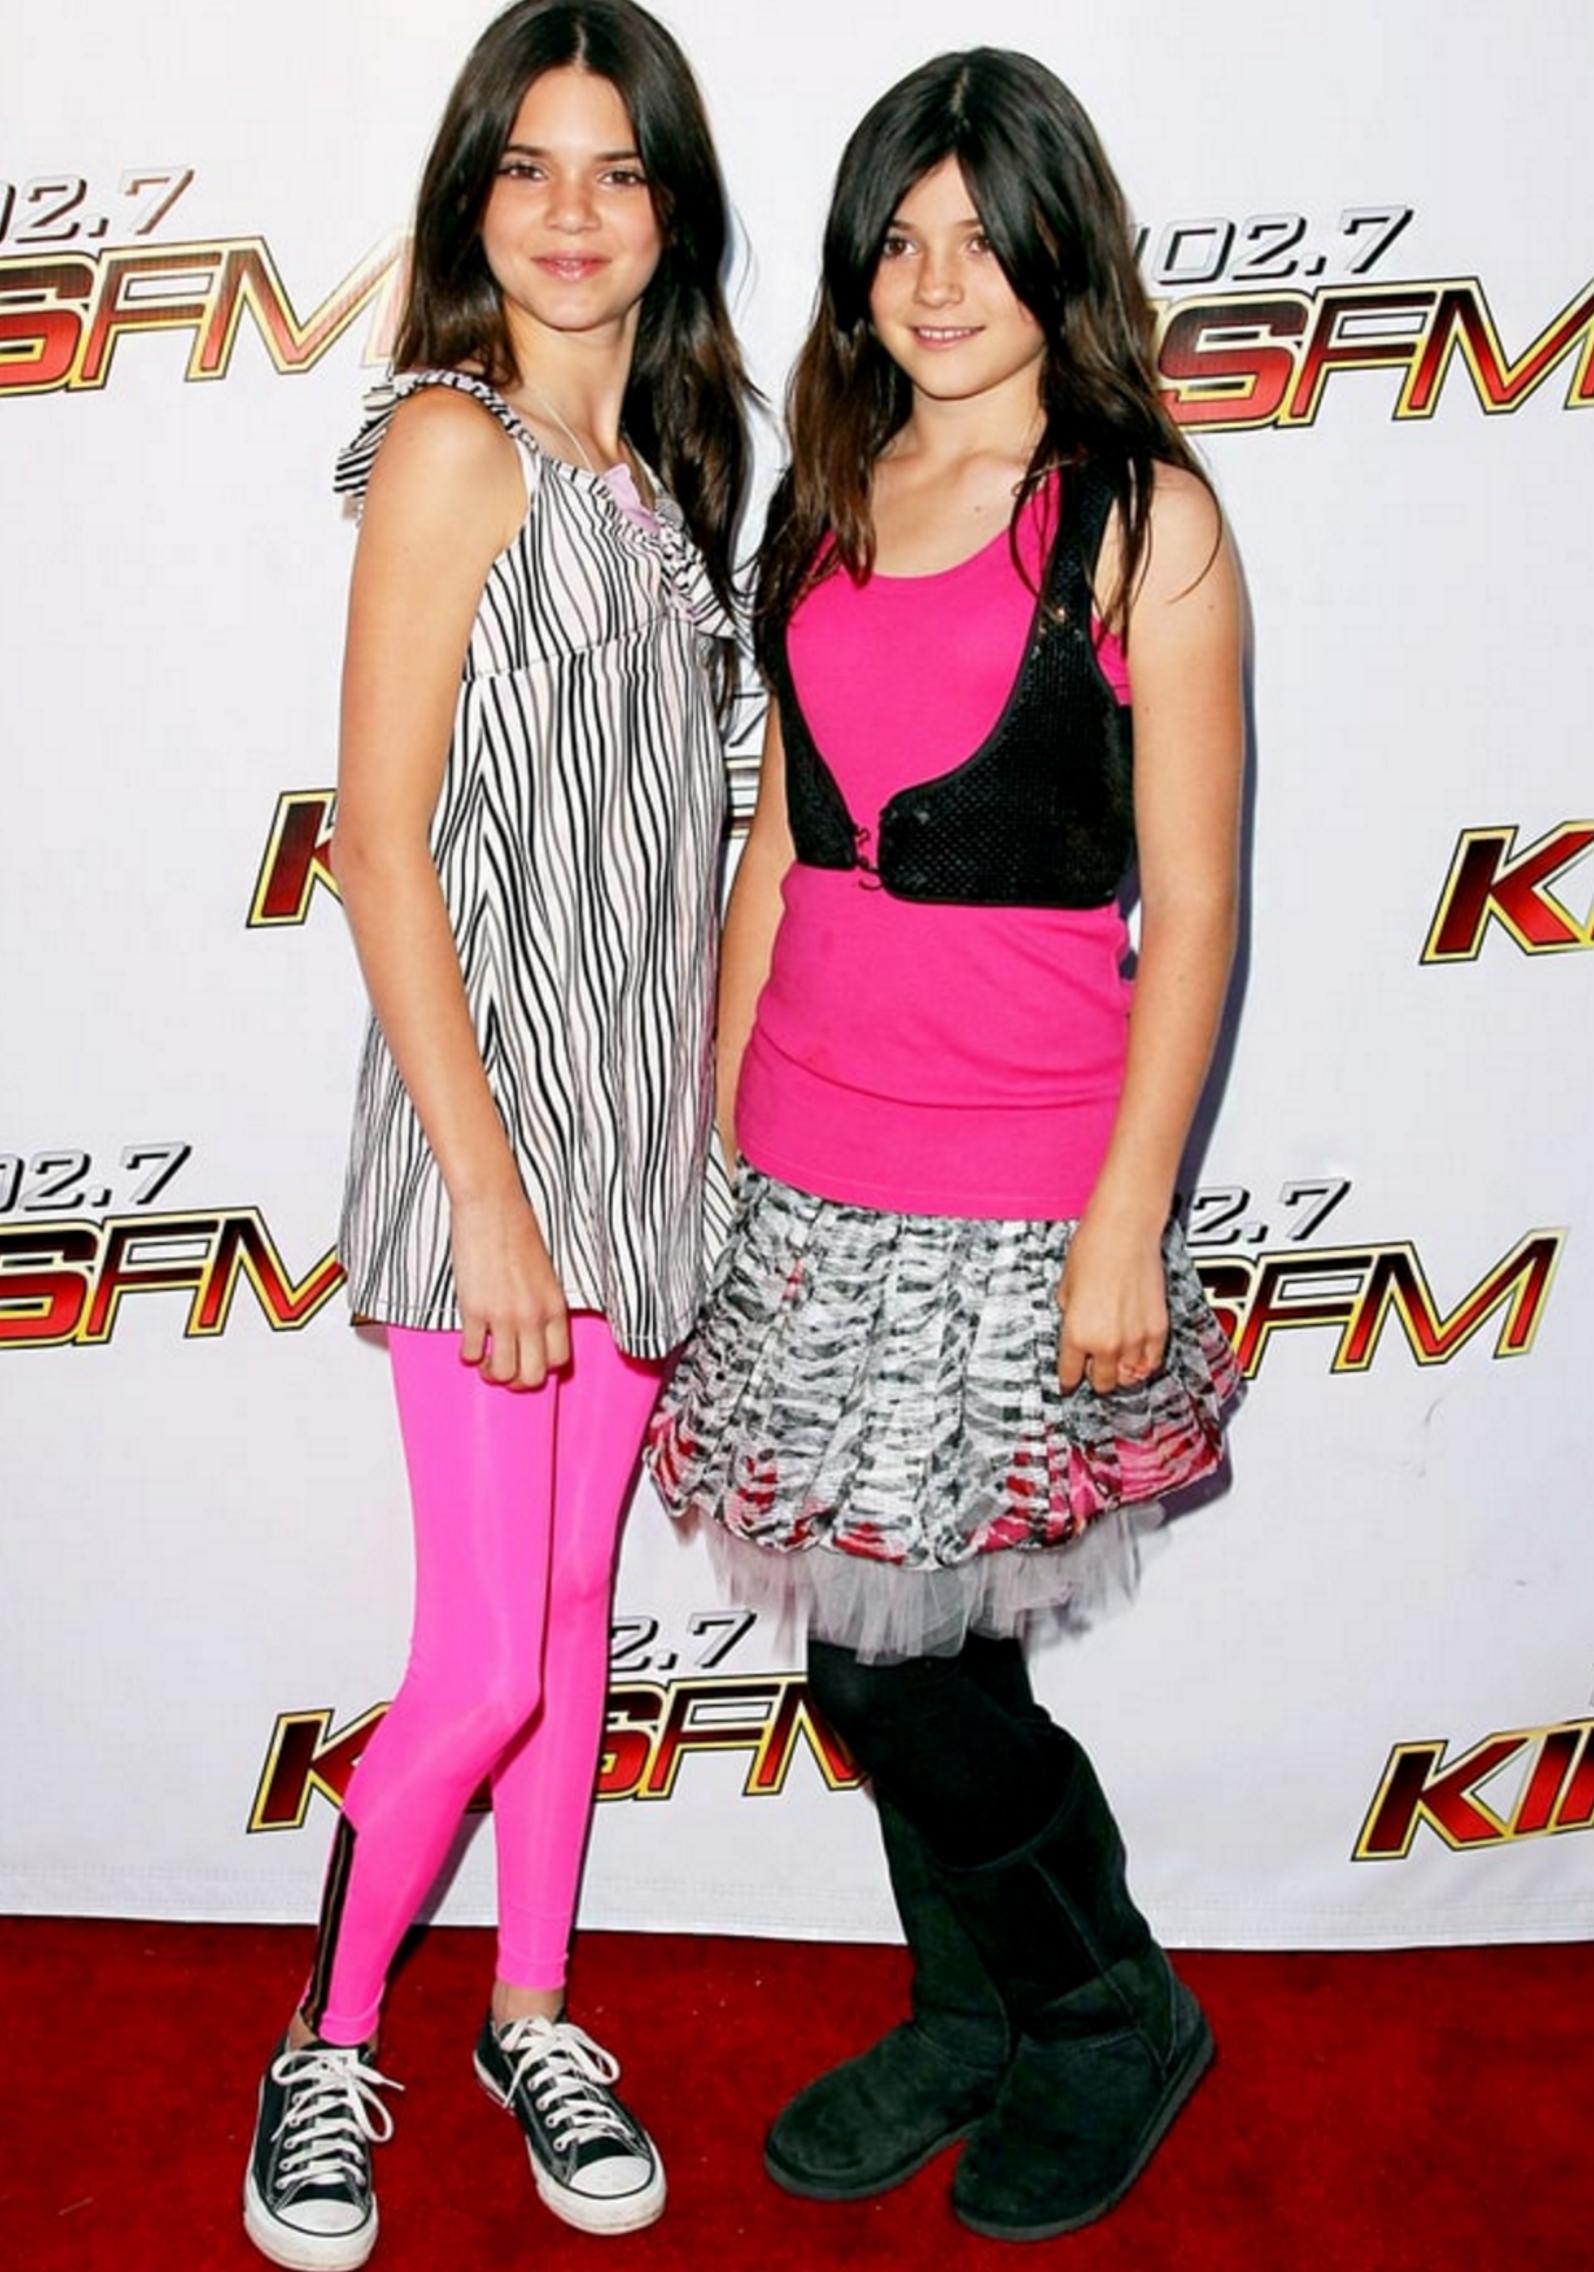 Kylie Jenner 2008 Dress Style